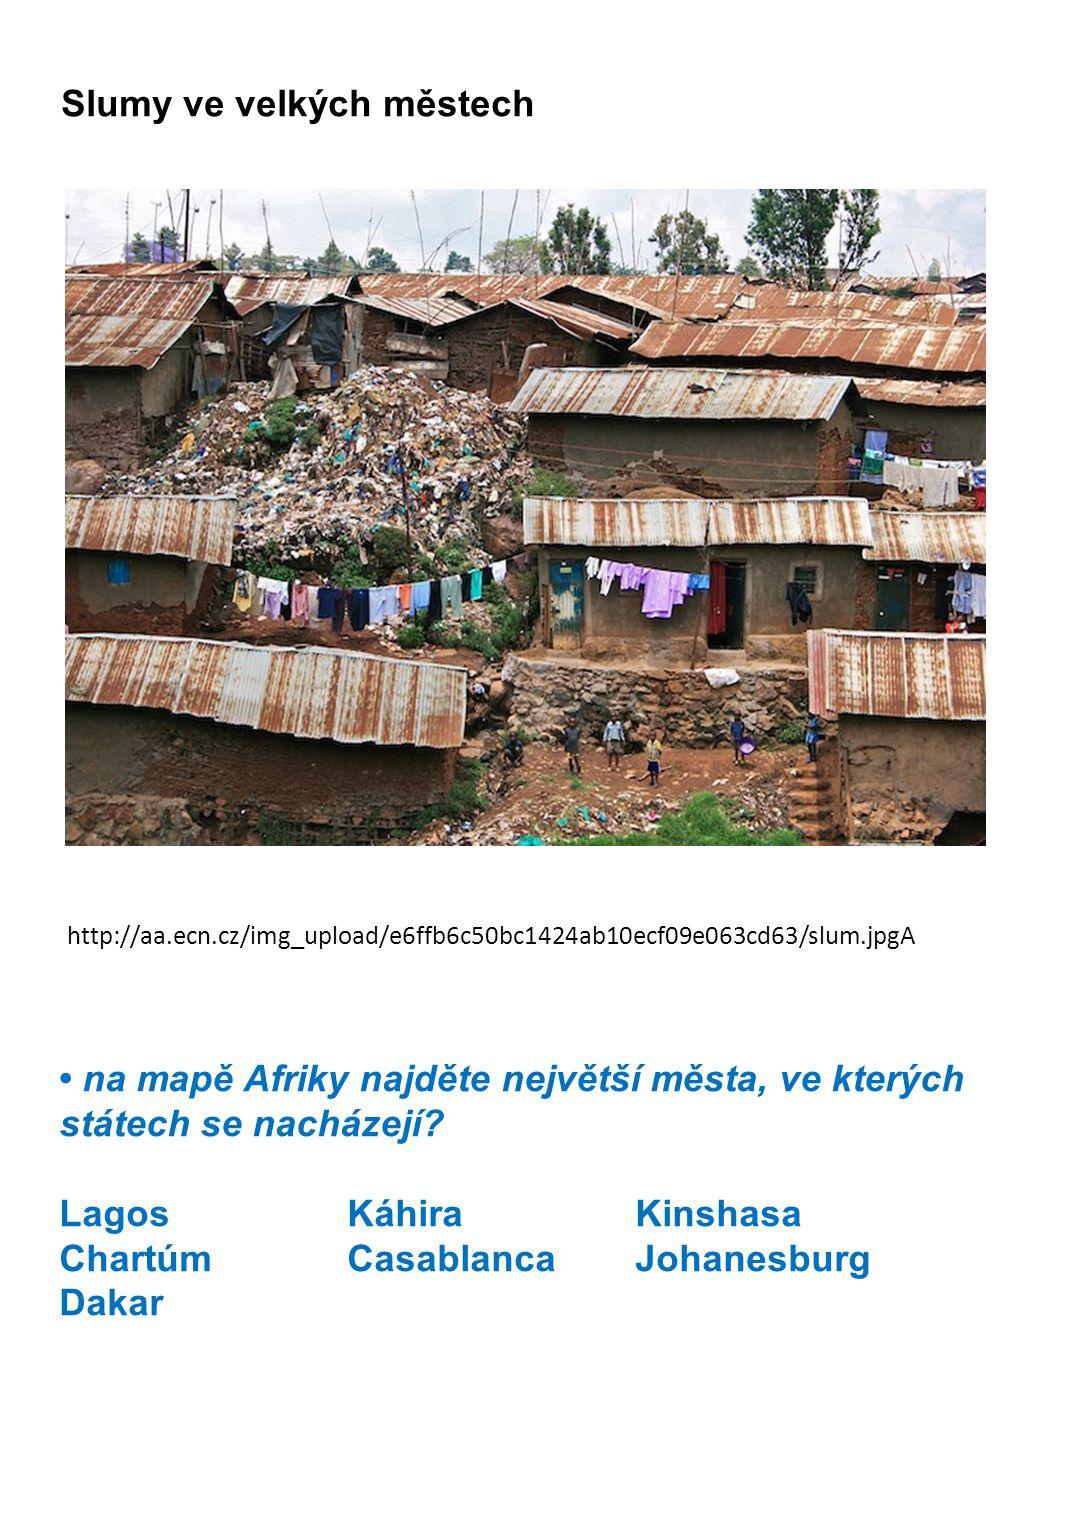 http://aa.ecn.cz/img_upload/e6ffb6c50bc1424ab10ecf09e063cd63/slum.jpgA Slumy ve velkých městech • na mapě Afriky najděte největší města, ve kterých státech se nacházejí.